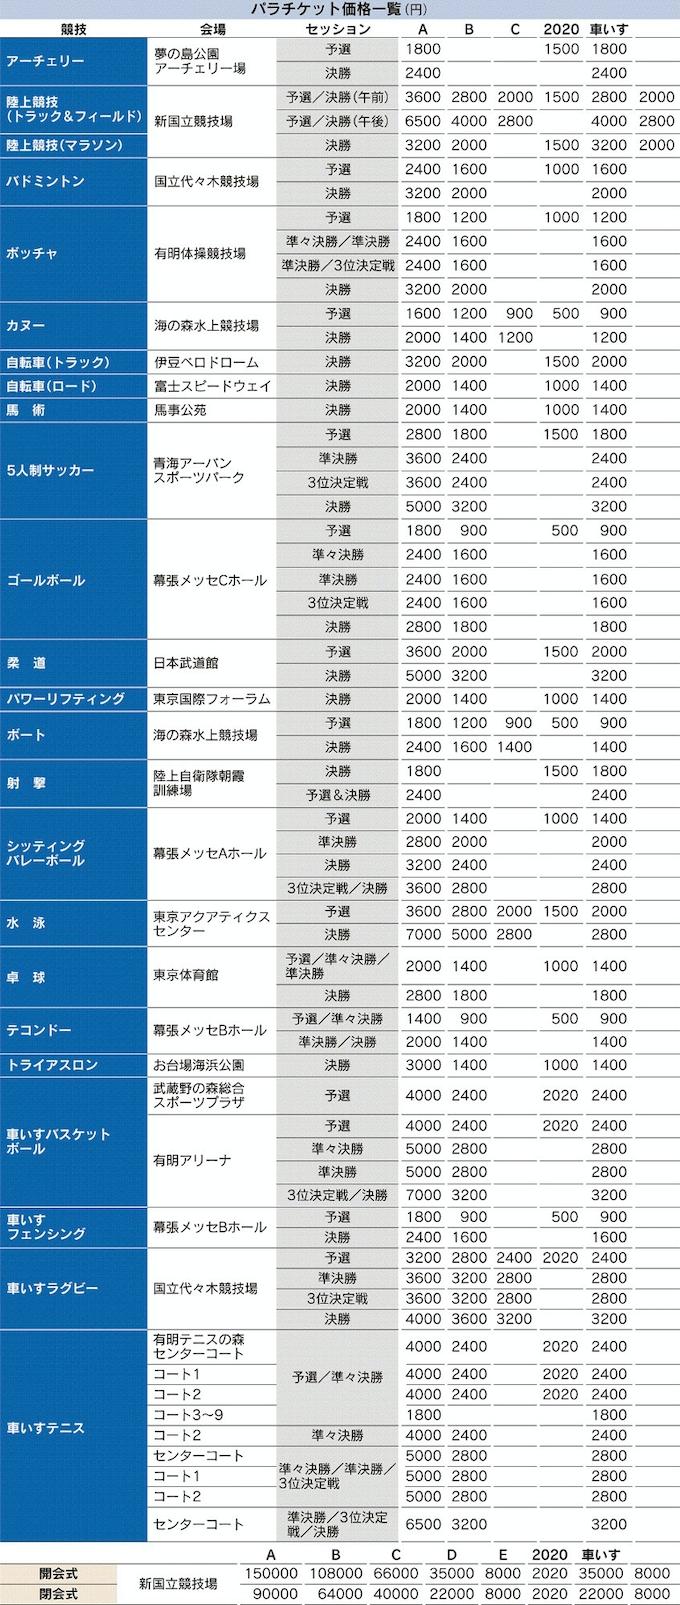 東京 パラリンピック チケット